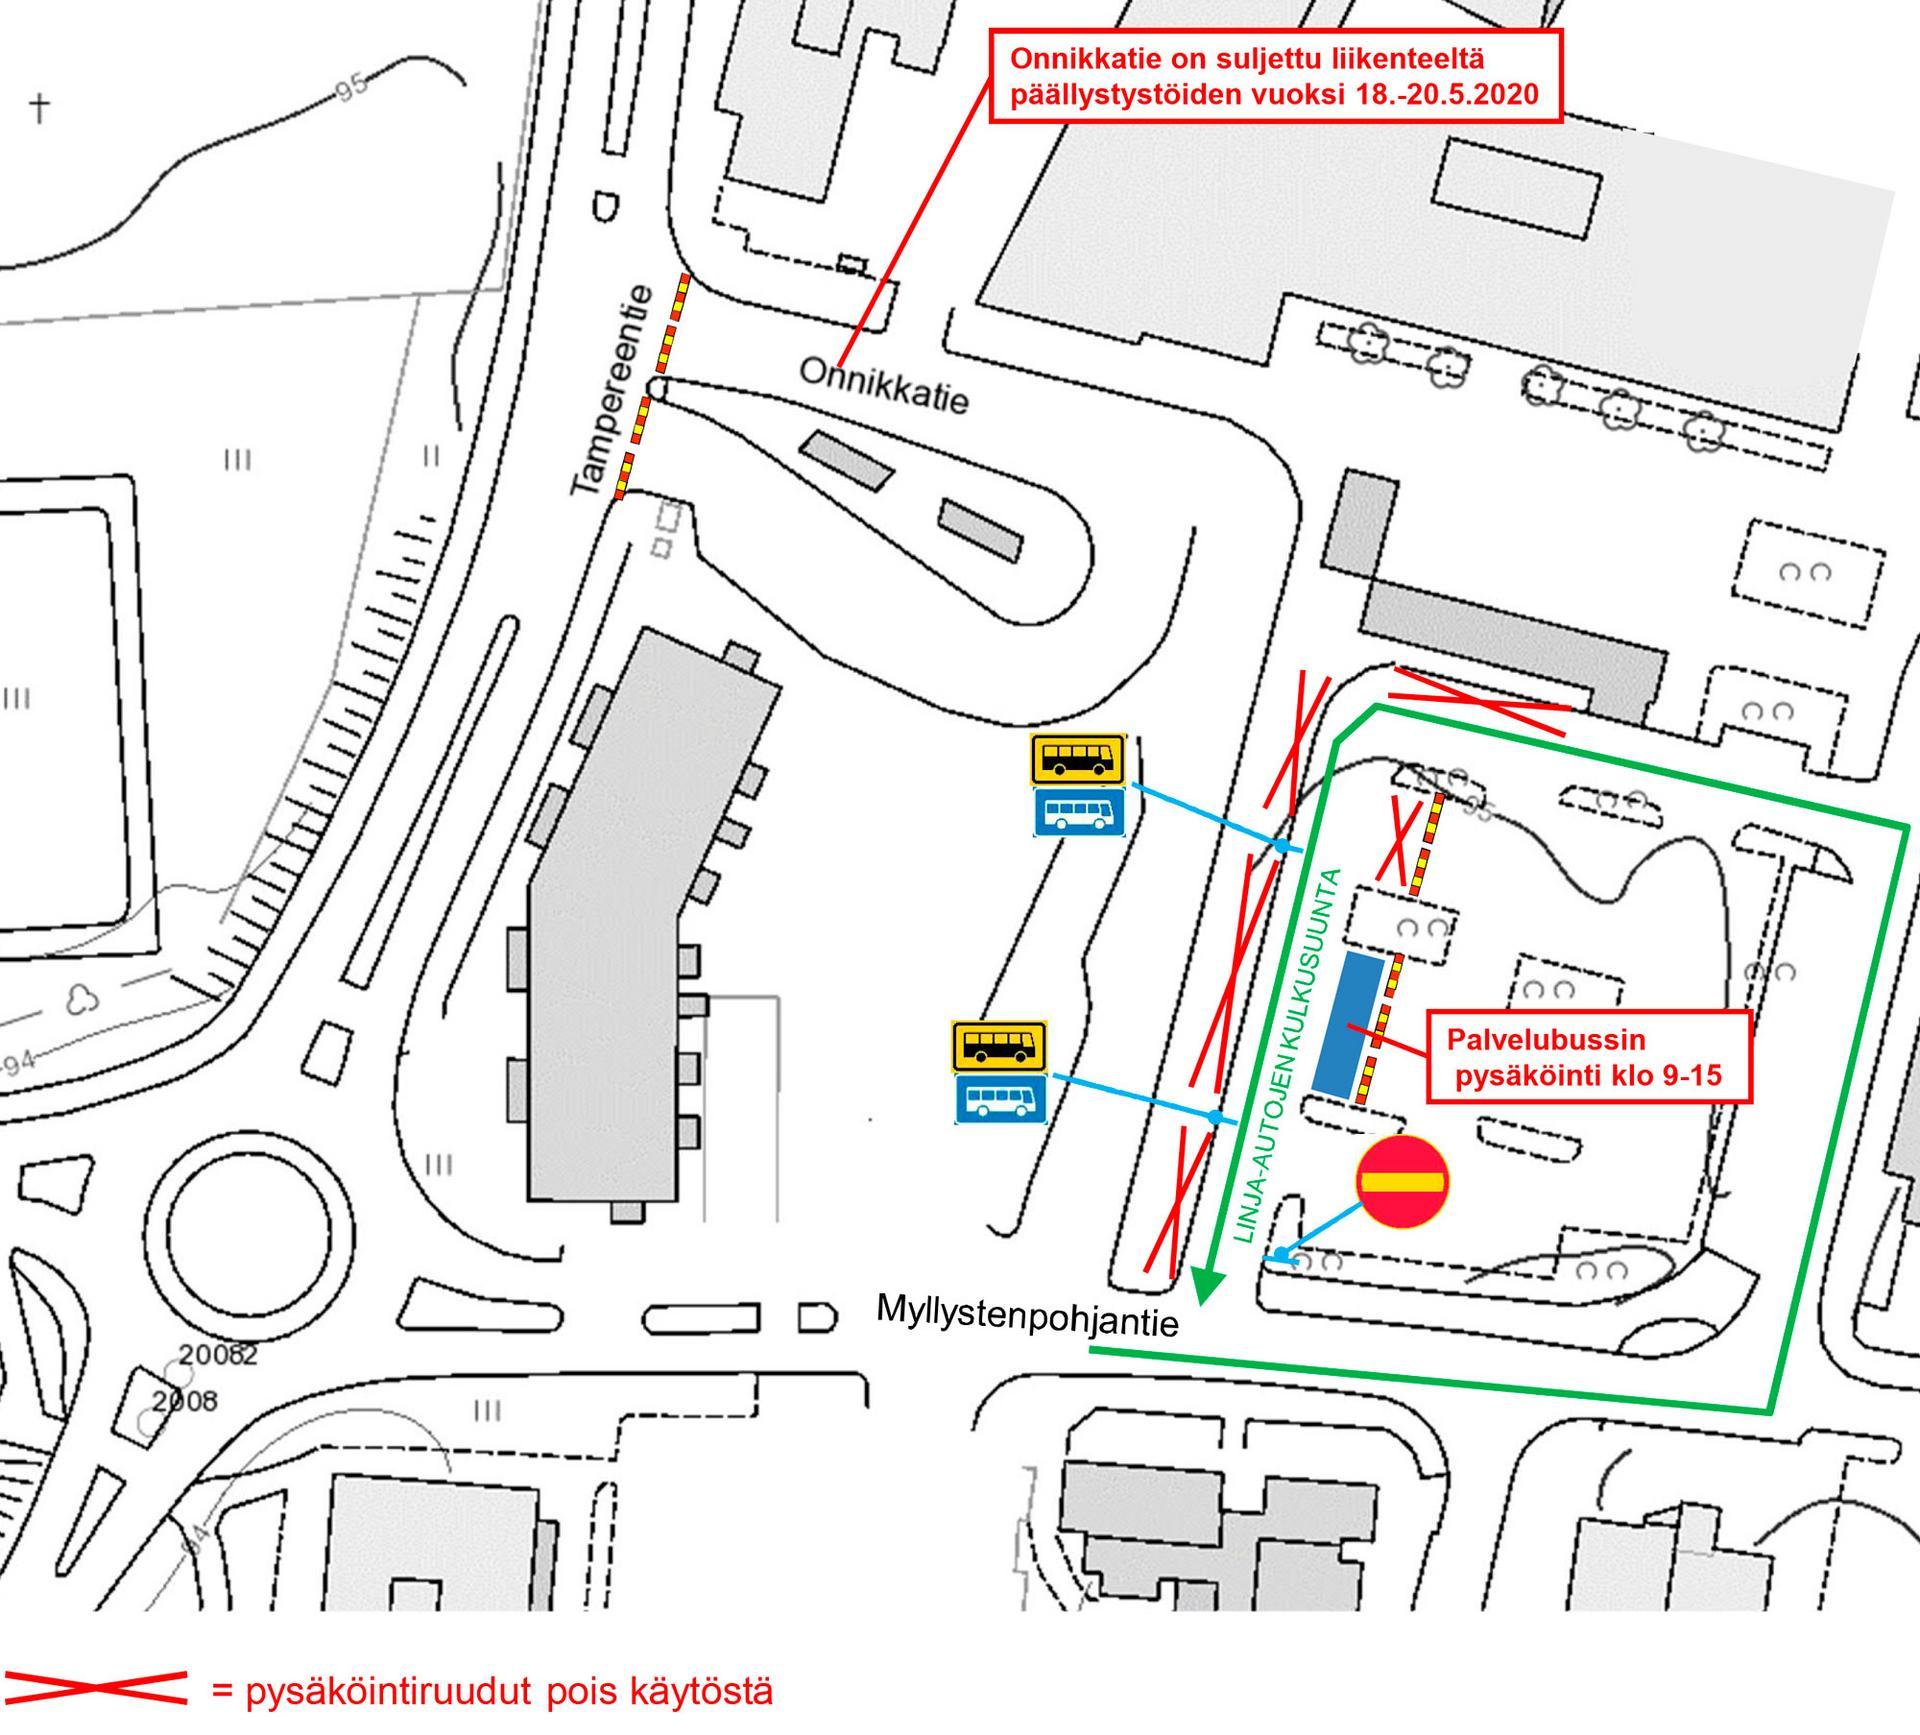 Päällystystyöt vaikuttavat ensi viikon alkupäivinä liikennöintiin ja pysäköintiin torin tuntumassa. Kartta: Kangasalan kaupunki